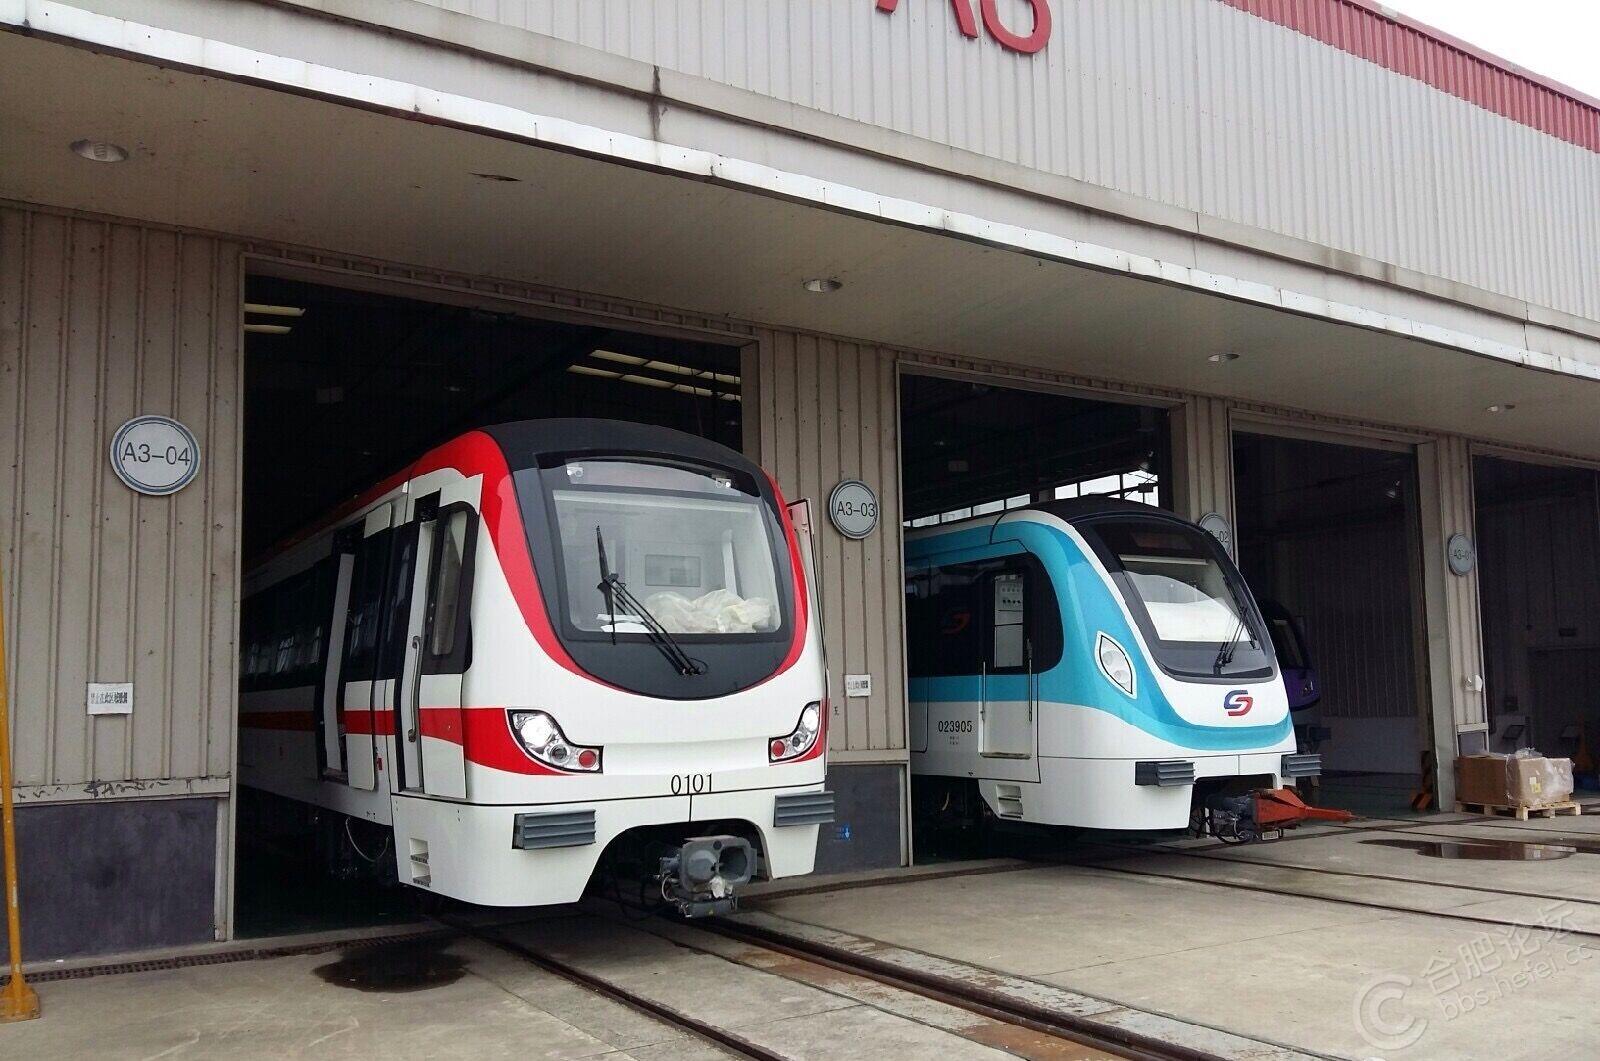 地铁图片大全大图 深圳地铁图片大全大图素材地铁